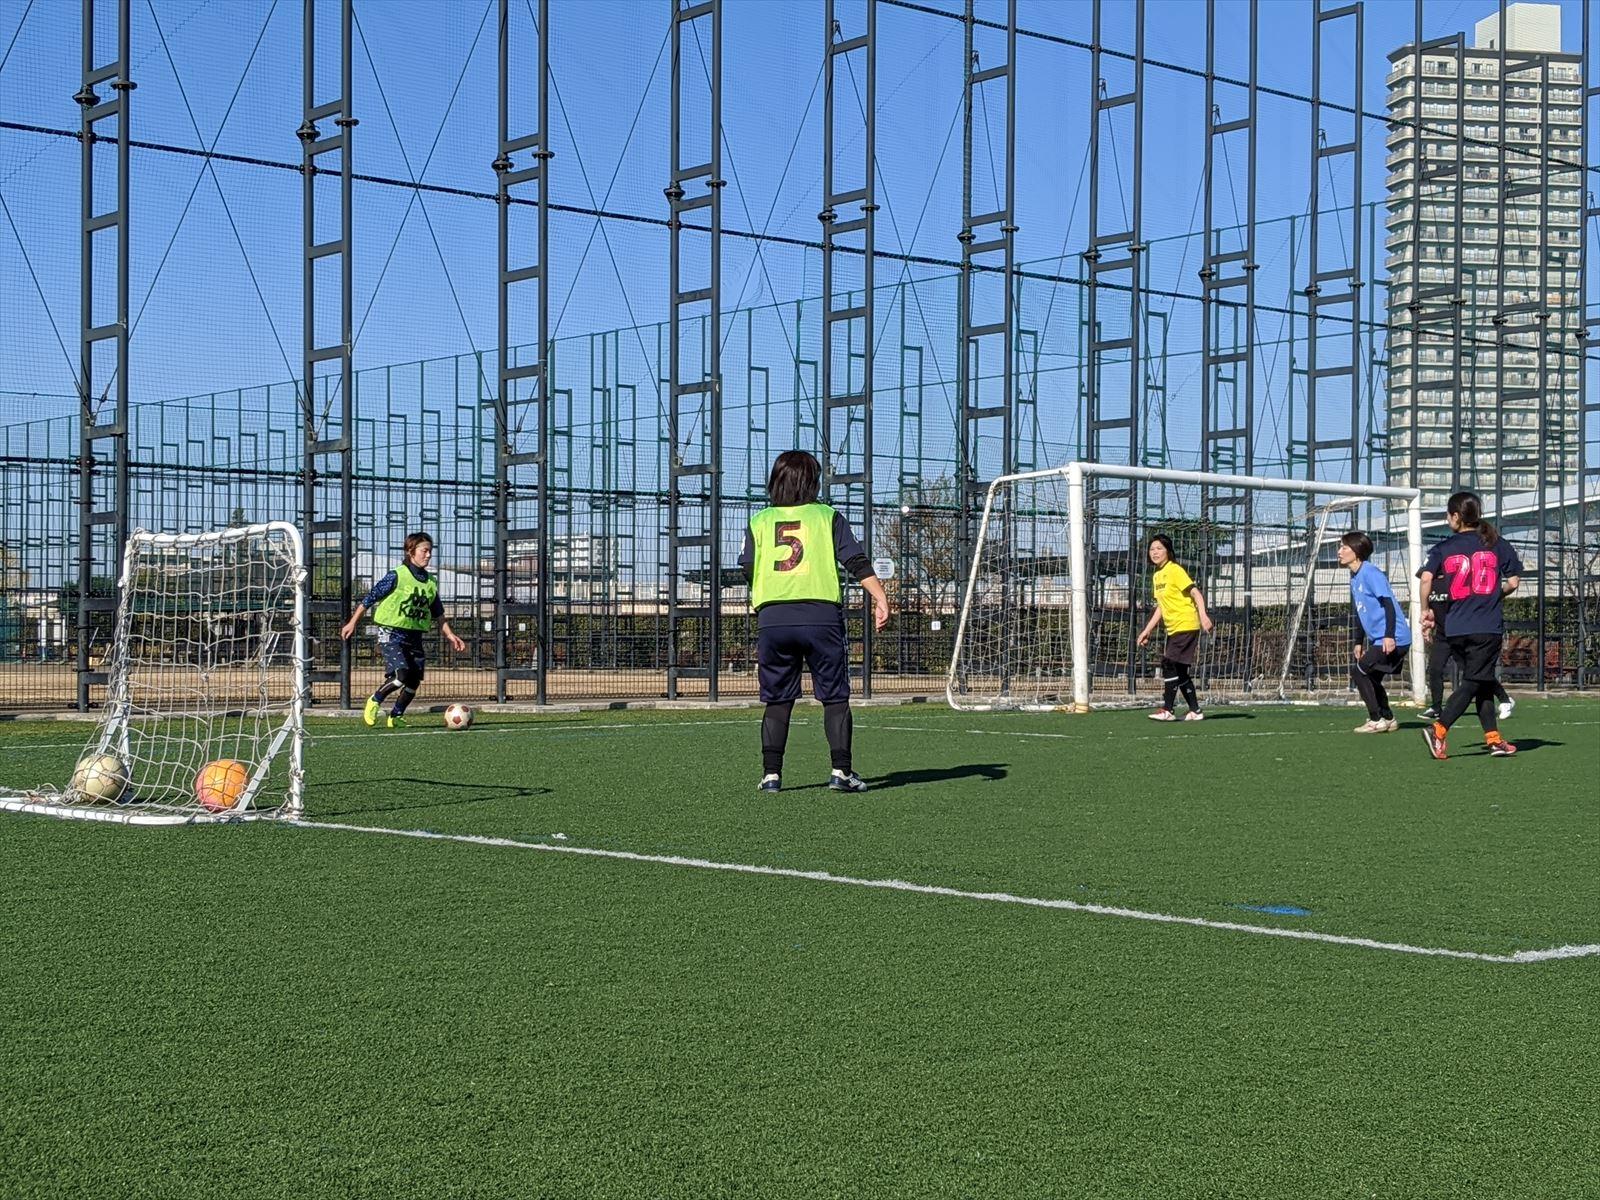 西が丘レディースサッカー教室 2020年2月の活動スケジュール